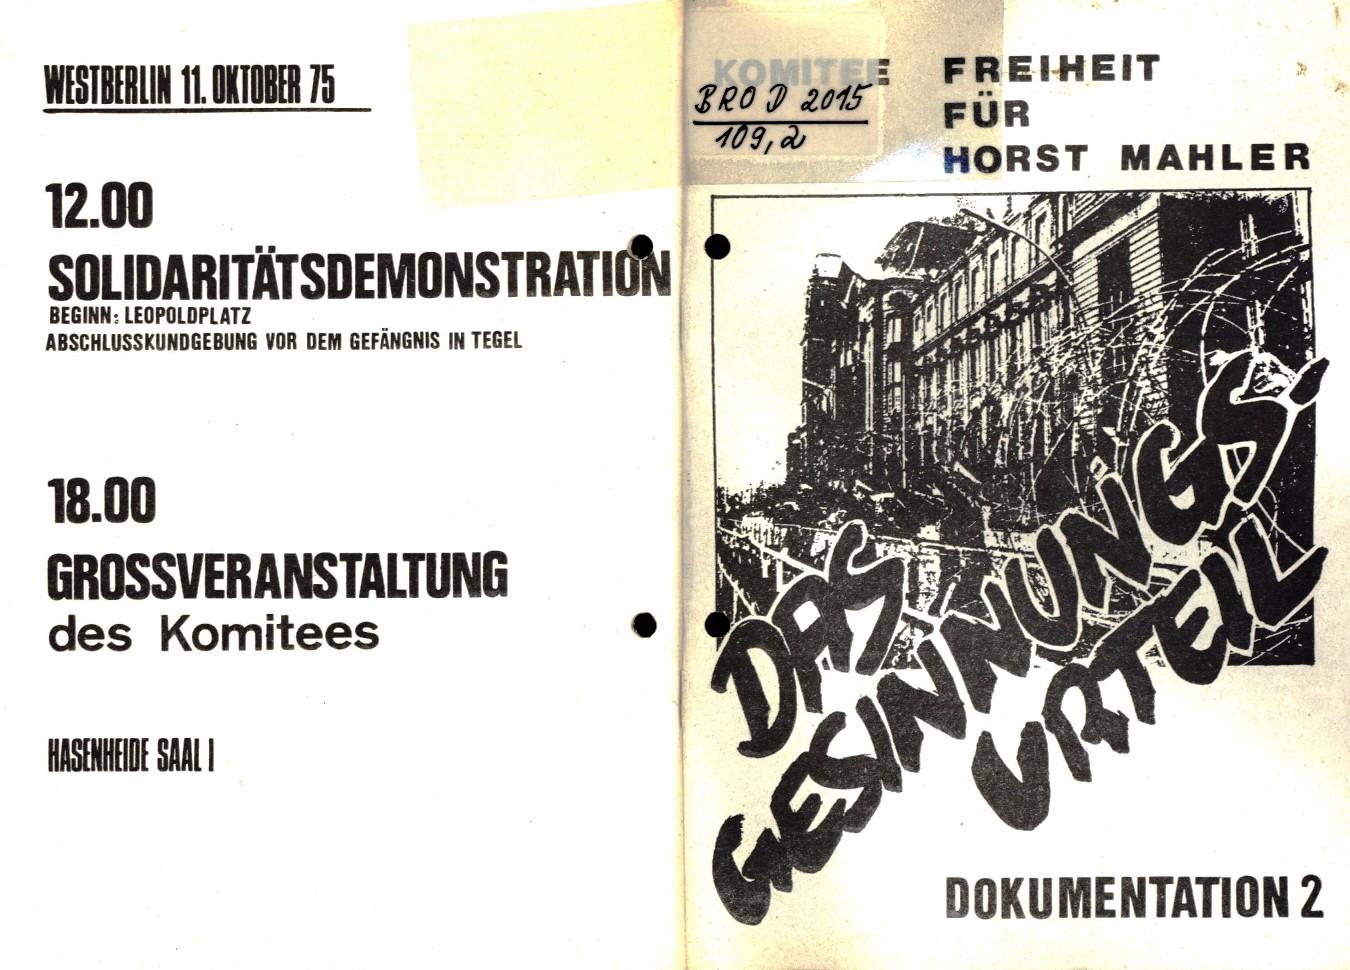 Berlin_Komitee_Mahler_Dokumentation_2_01